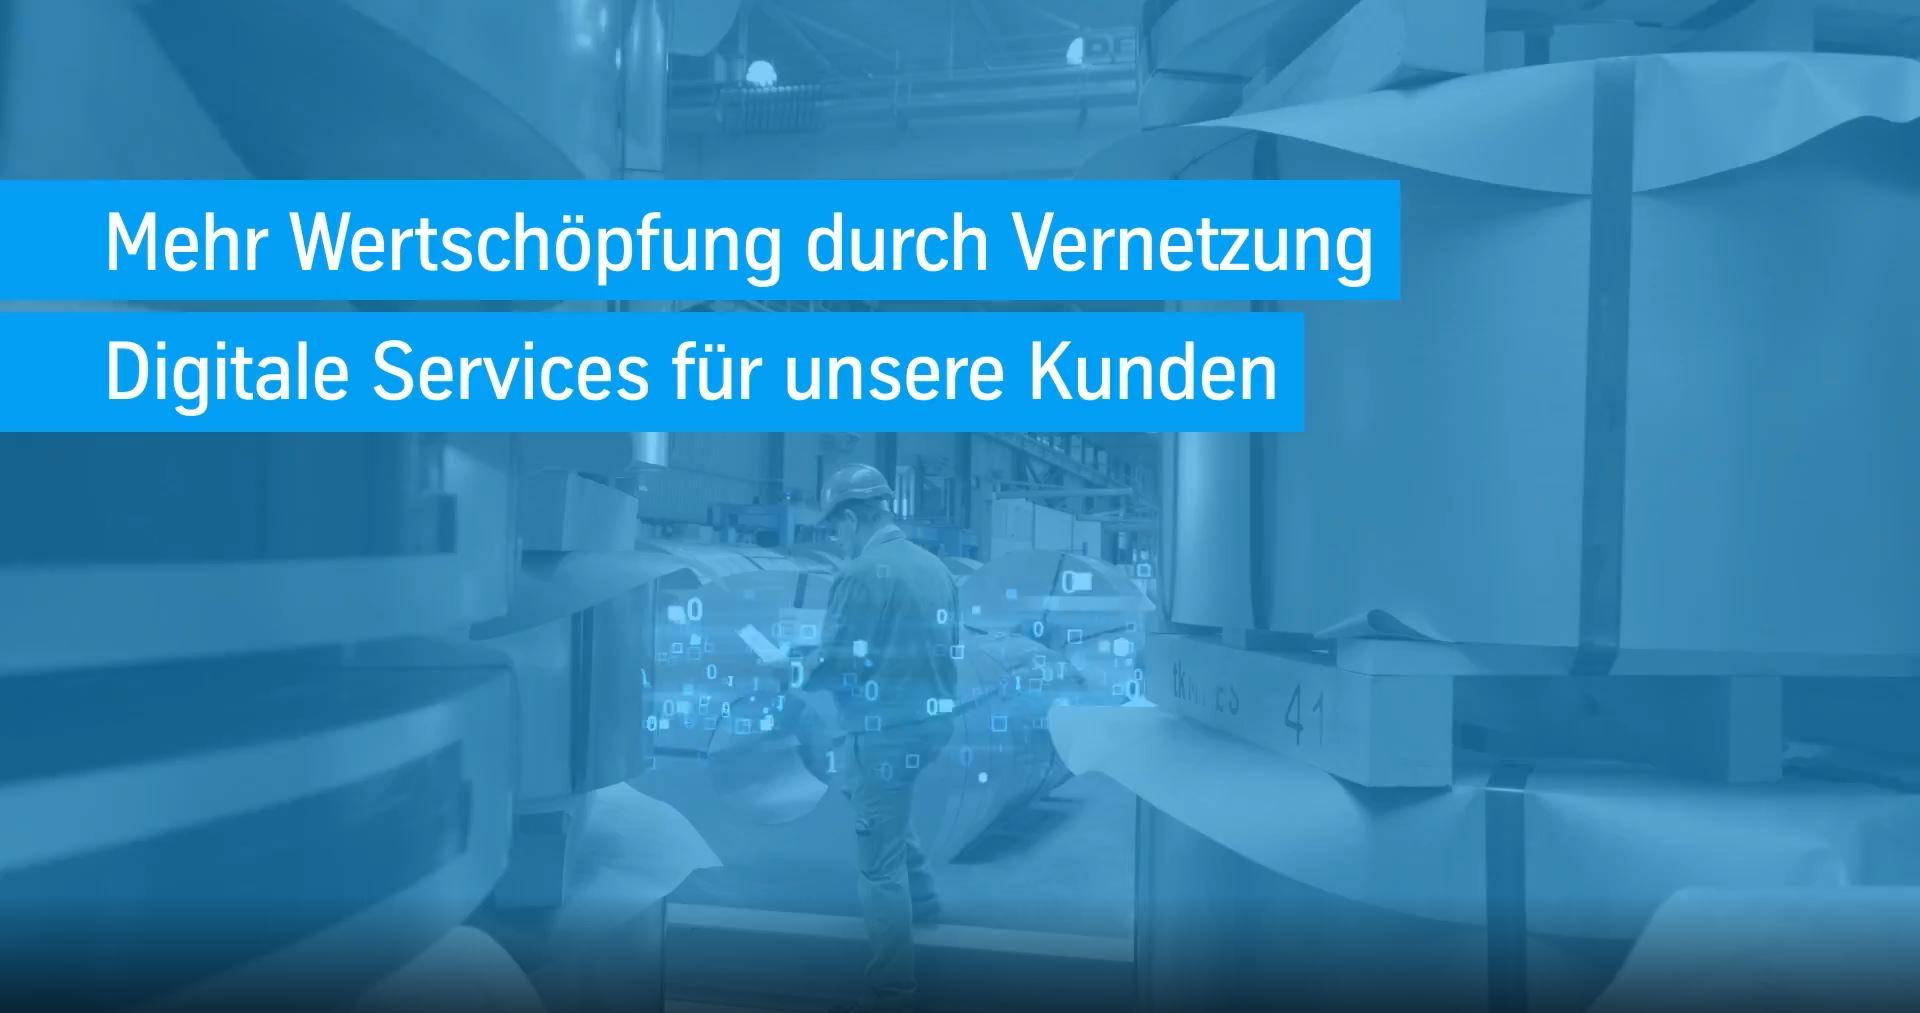 Digitale Services für unsere Kunden